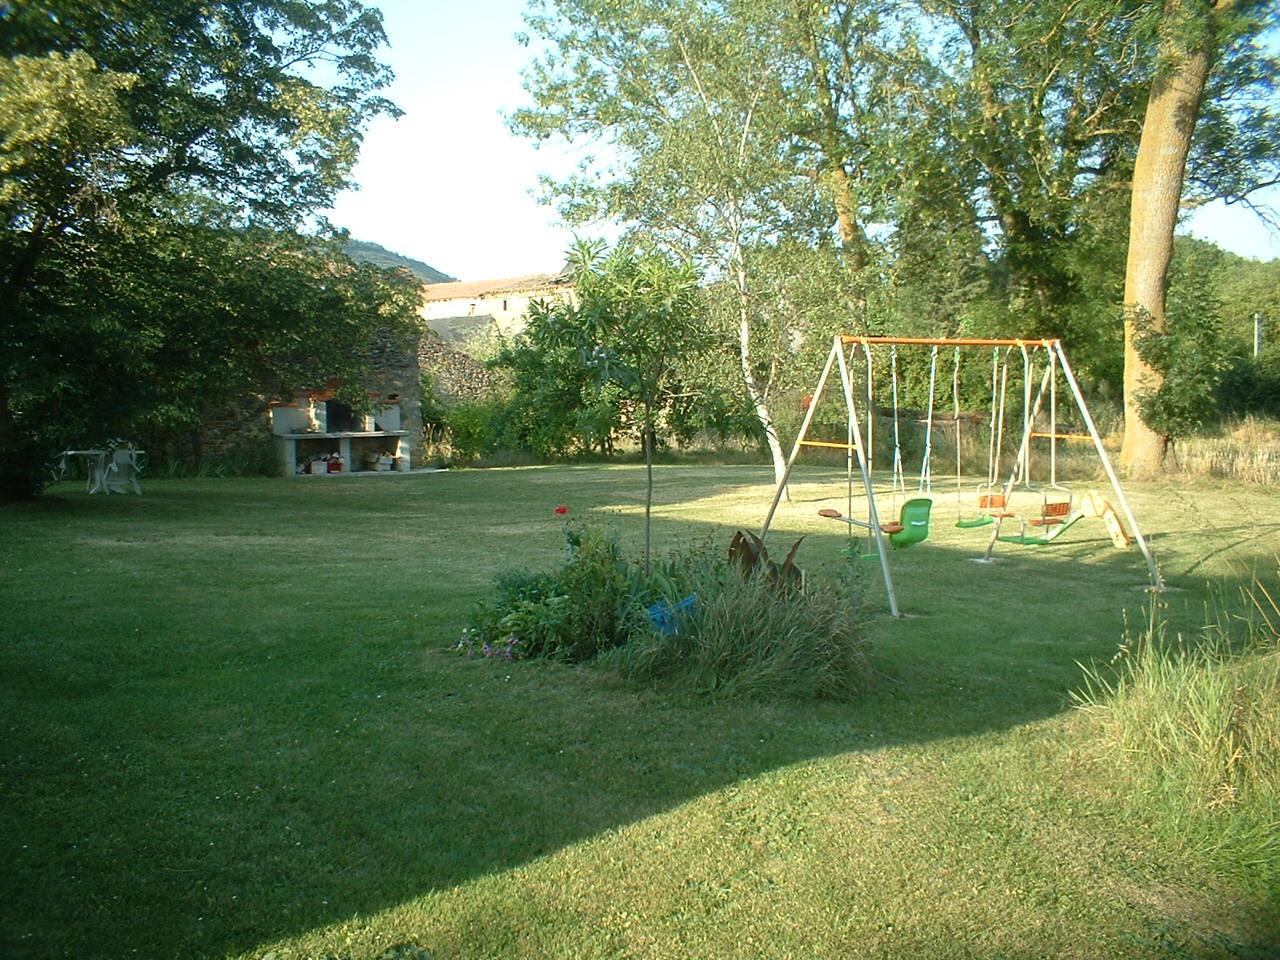 La maison et jardin domaine thomson - Maison et jardin actuels roubaix ...